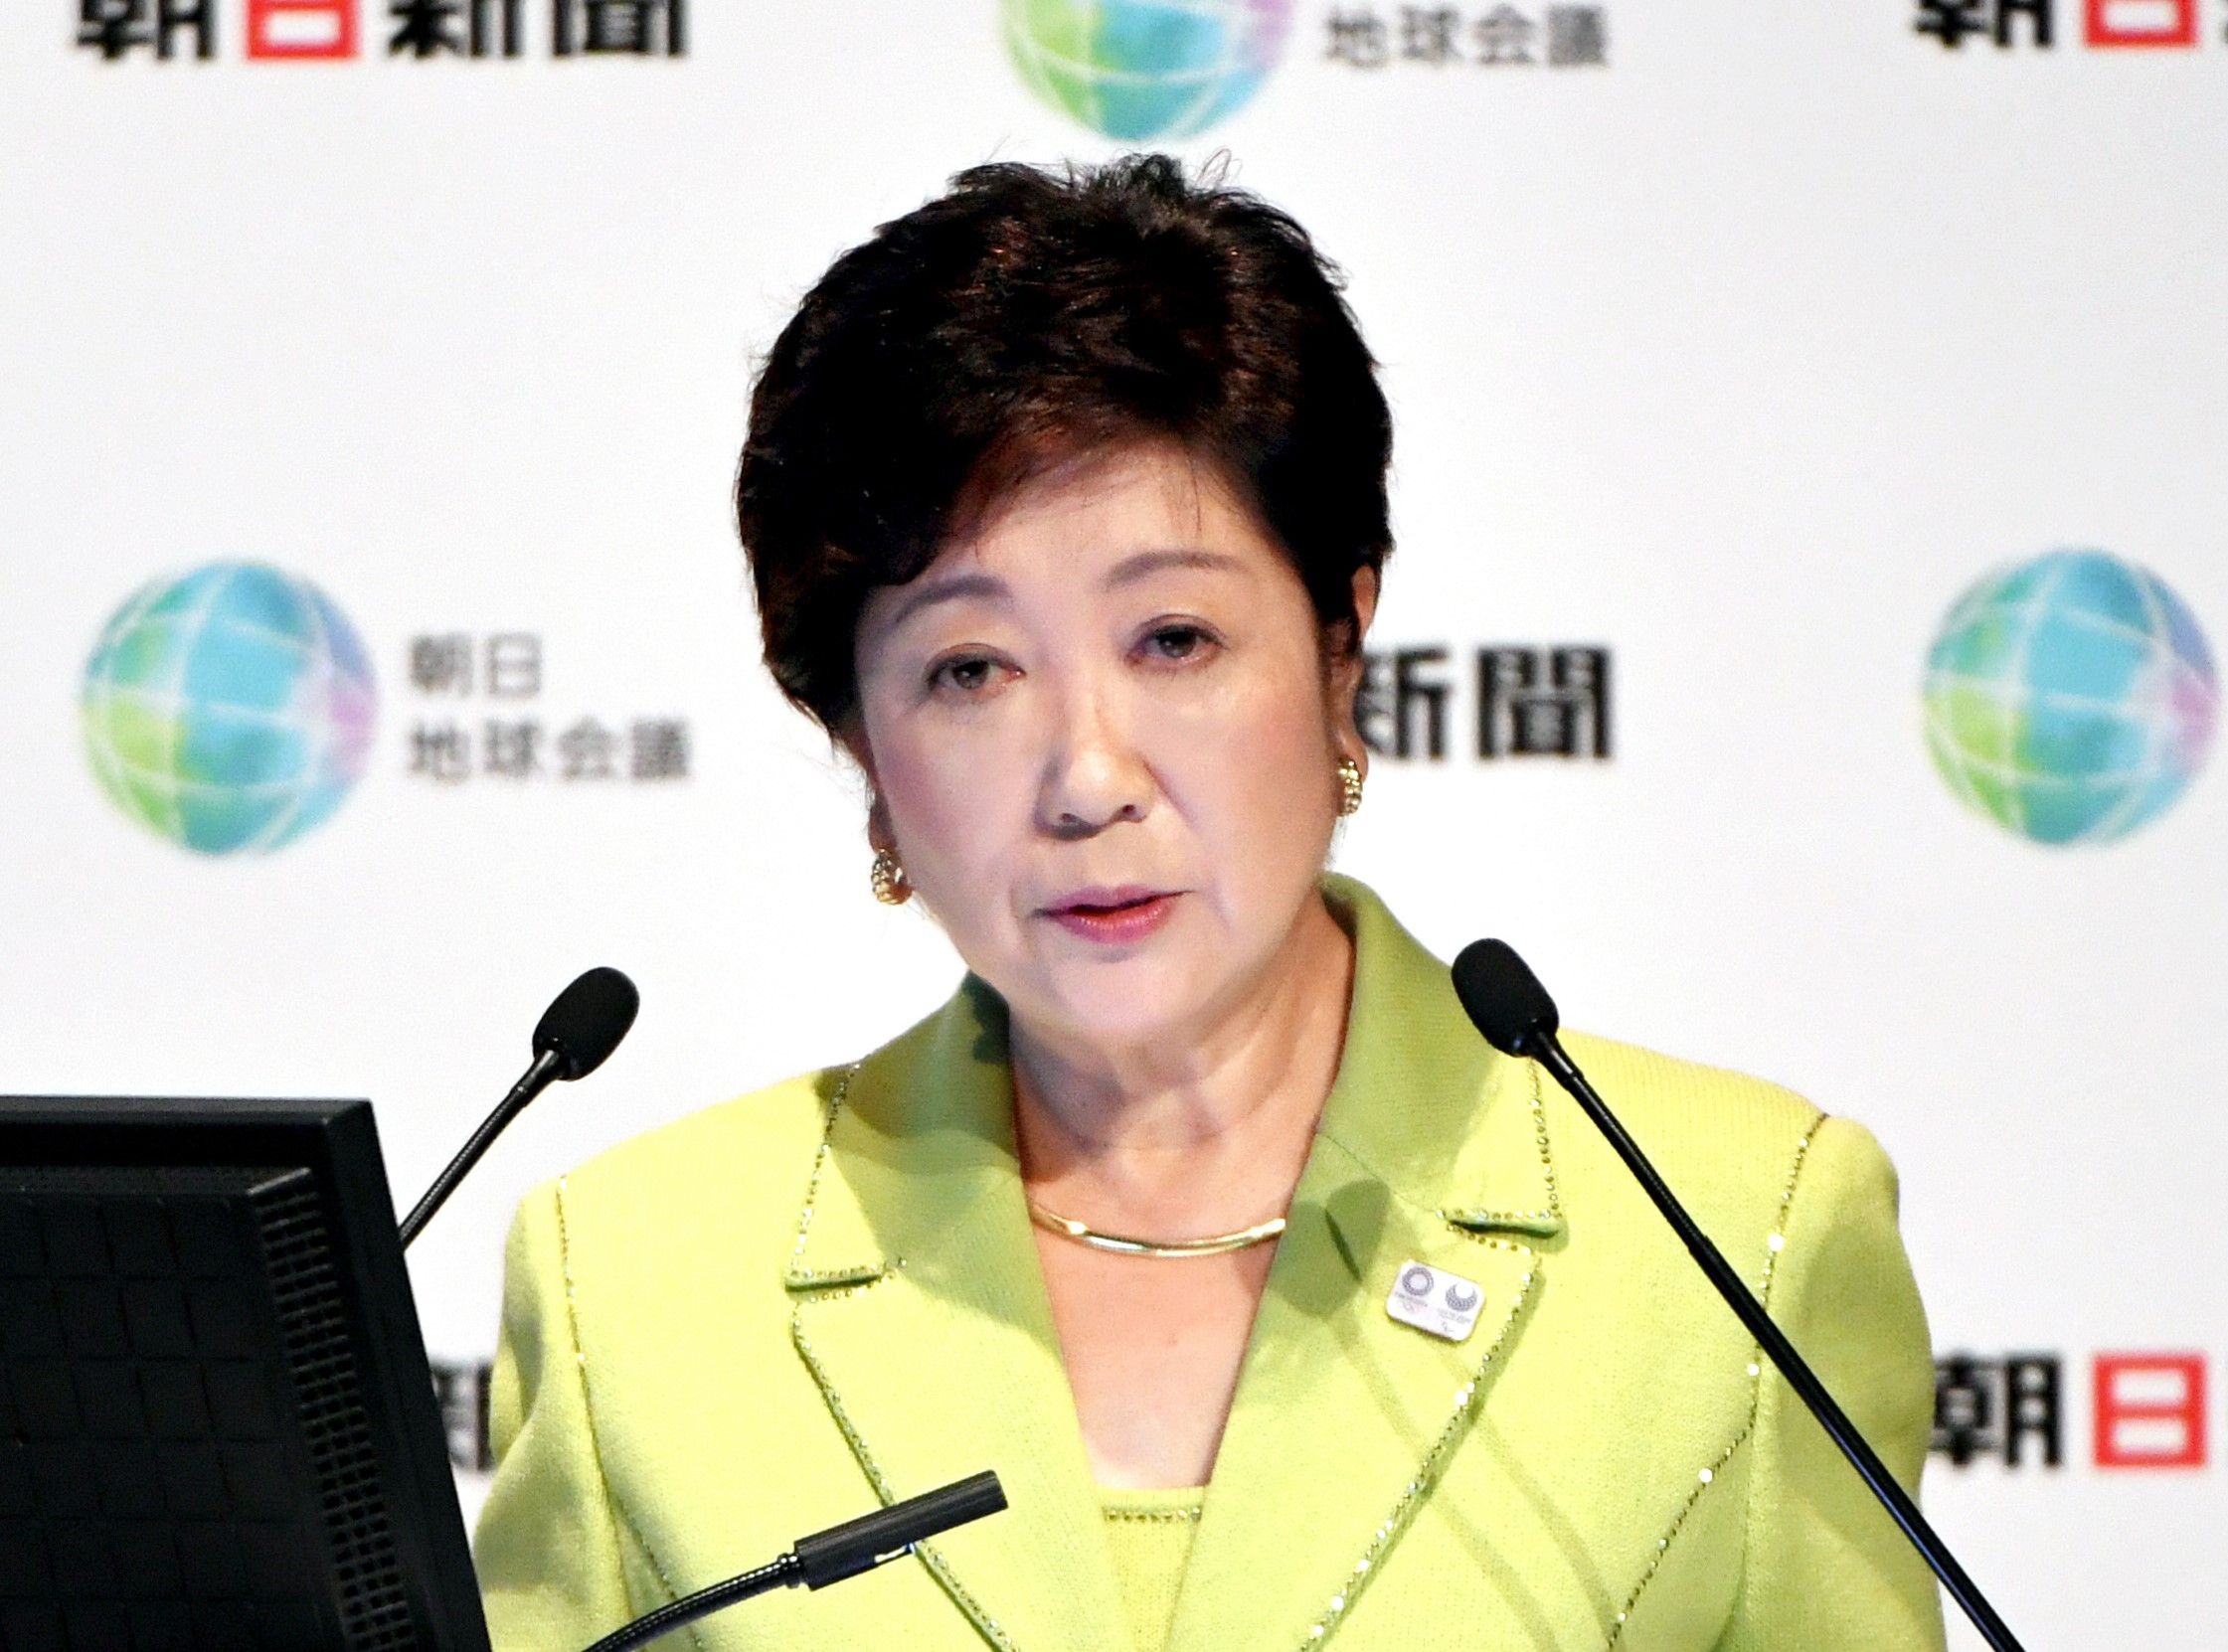 小池百合子・東京都知事は10月2日、温室効果ガスの削減に資金調達する「グリーンボンド」の発行計画を表明した